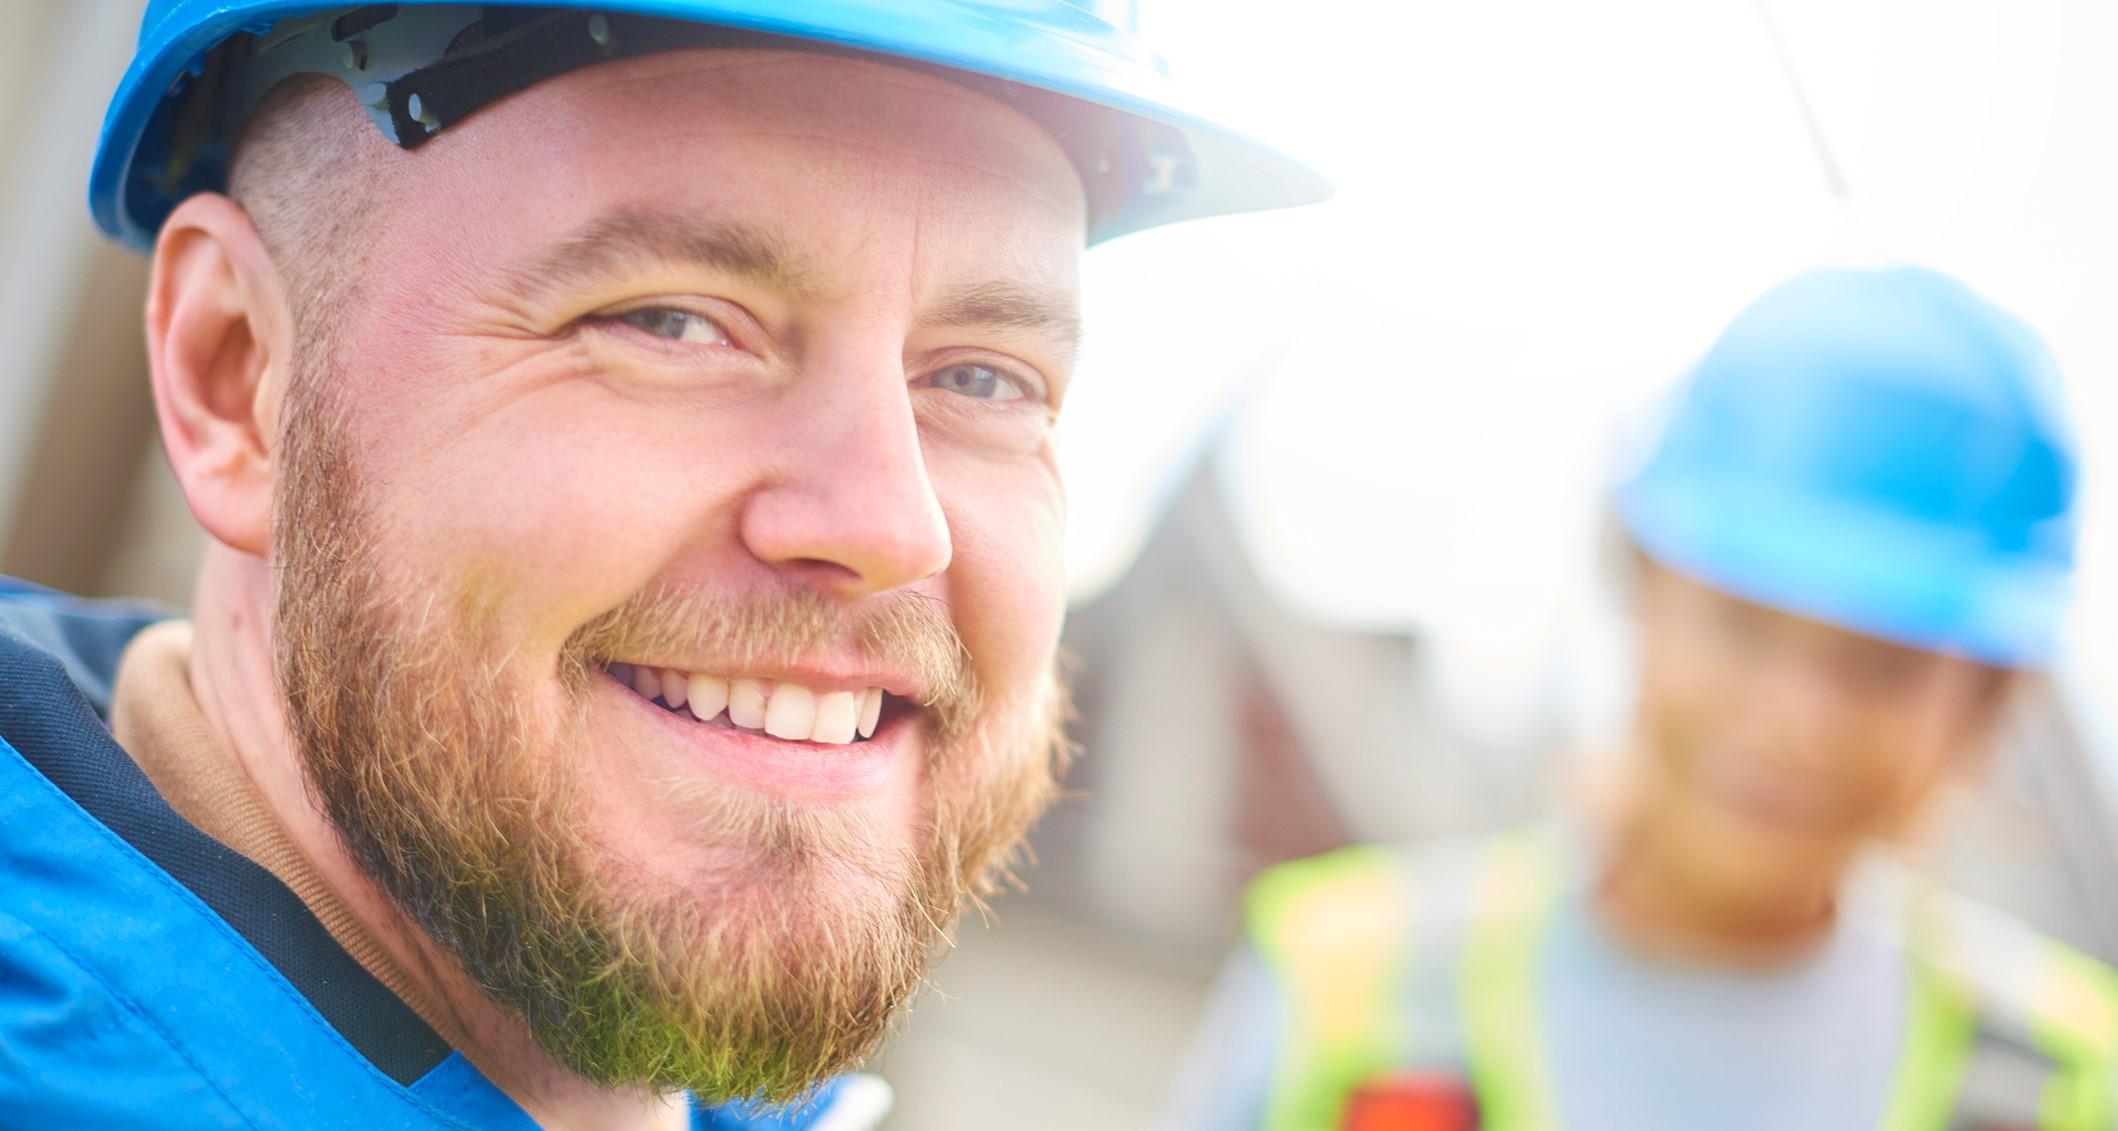 Bauingenieur lächelt in die Kamera